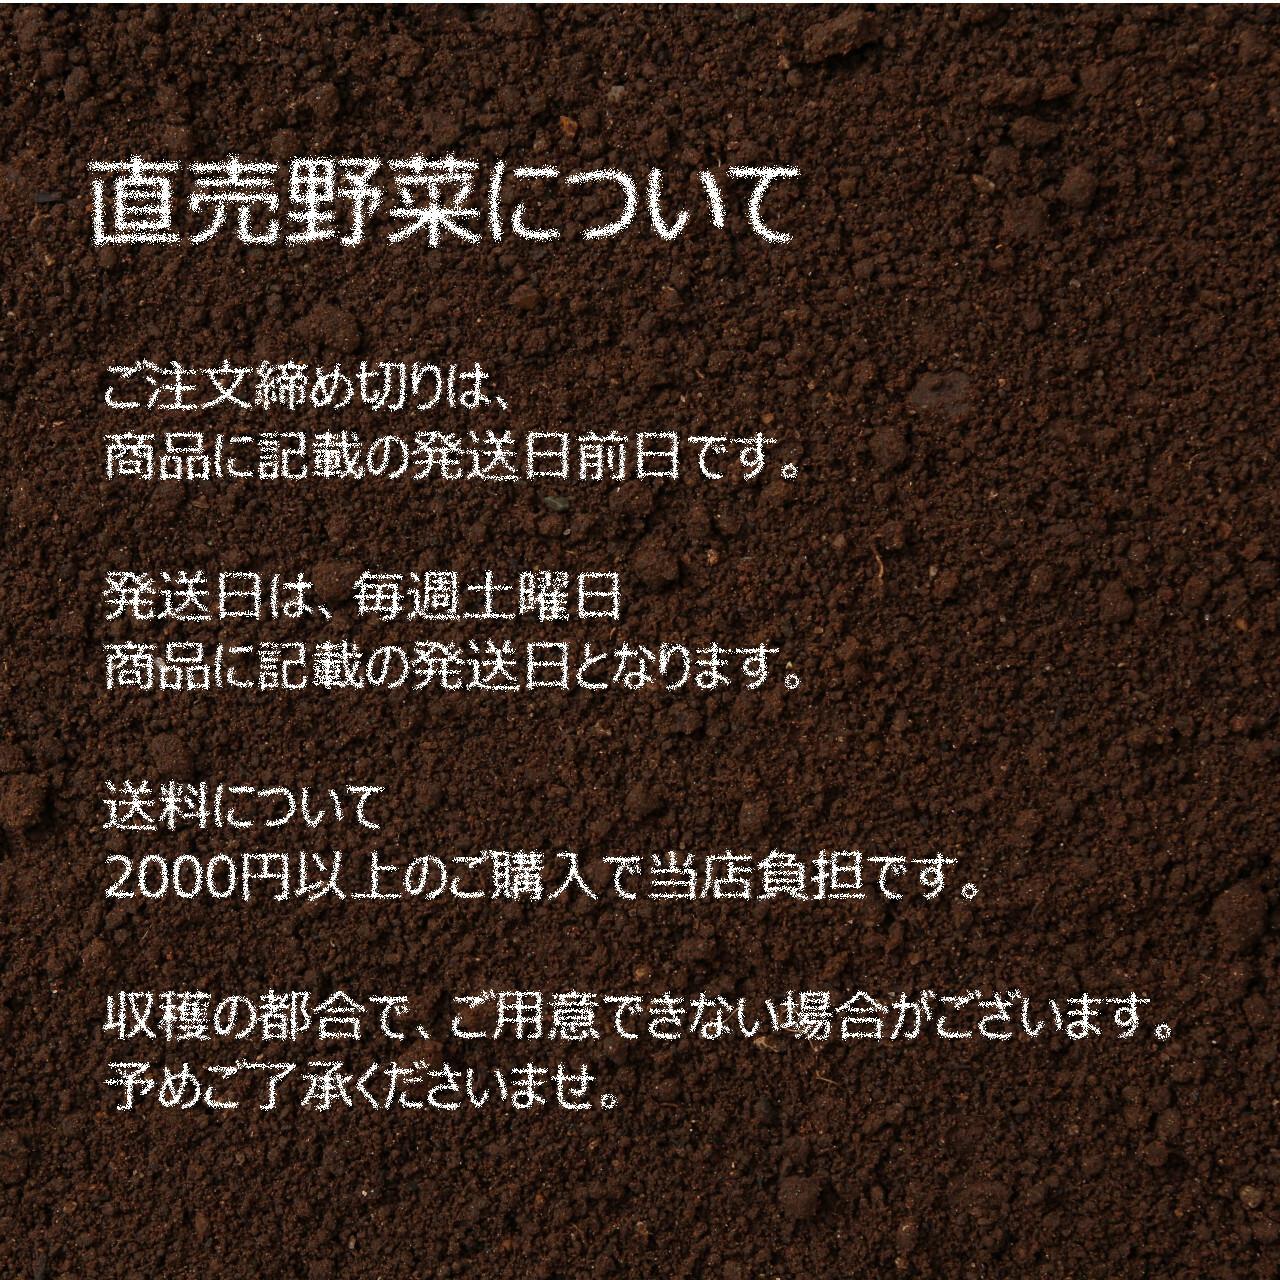 4月の朝採り直売野菜 小豆 1合 4月27日発送予定